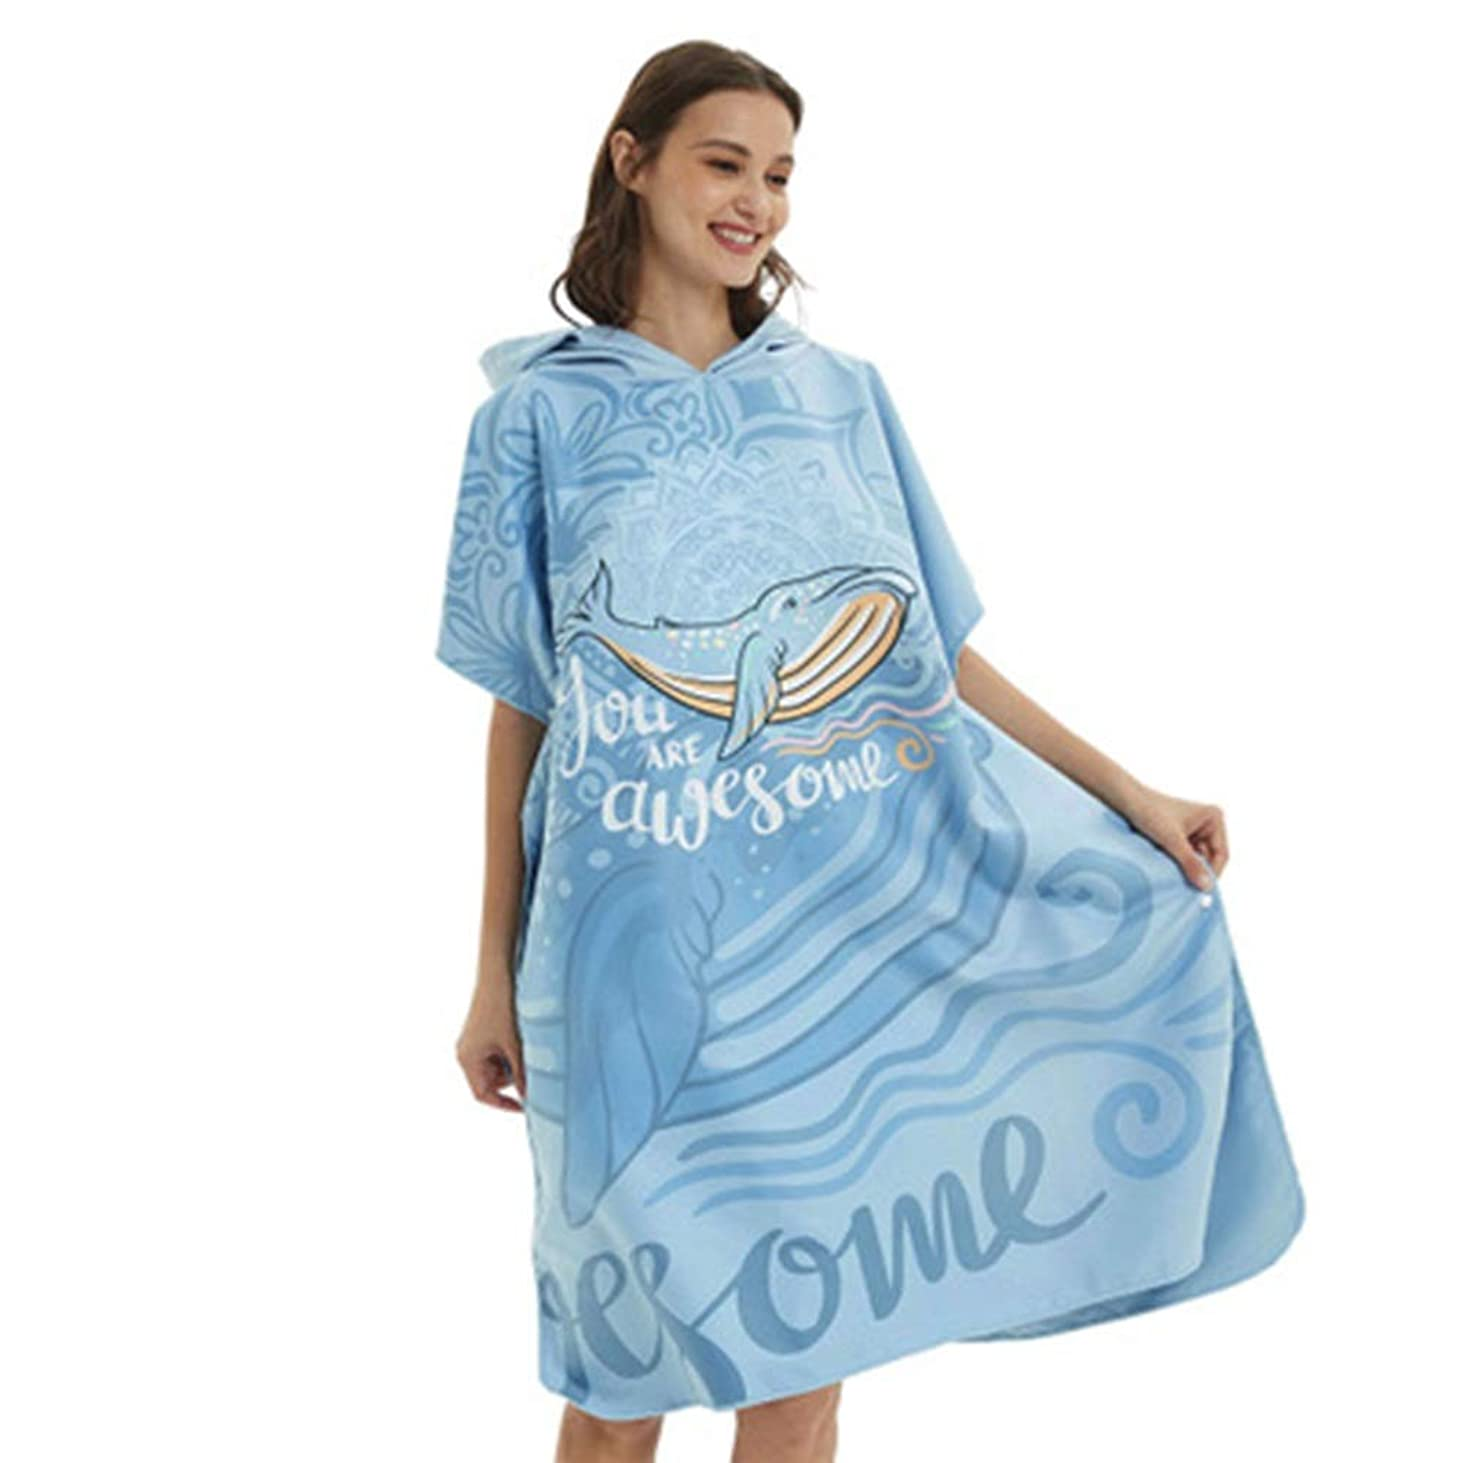 協会順応性アームストロングビーチチェンジングタオル バスタオルバスローブマイクロファイバータオルすぐに着用することができますドライウォータースイミングダイビングビーチ無料シロナガスクジラ (色 : 青, サイズ : ワンサイズ)